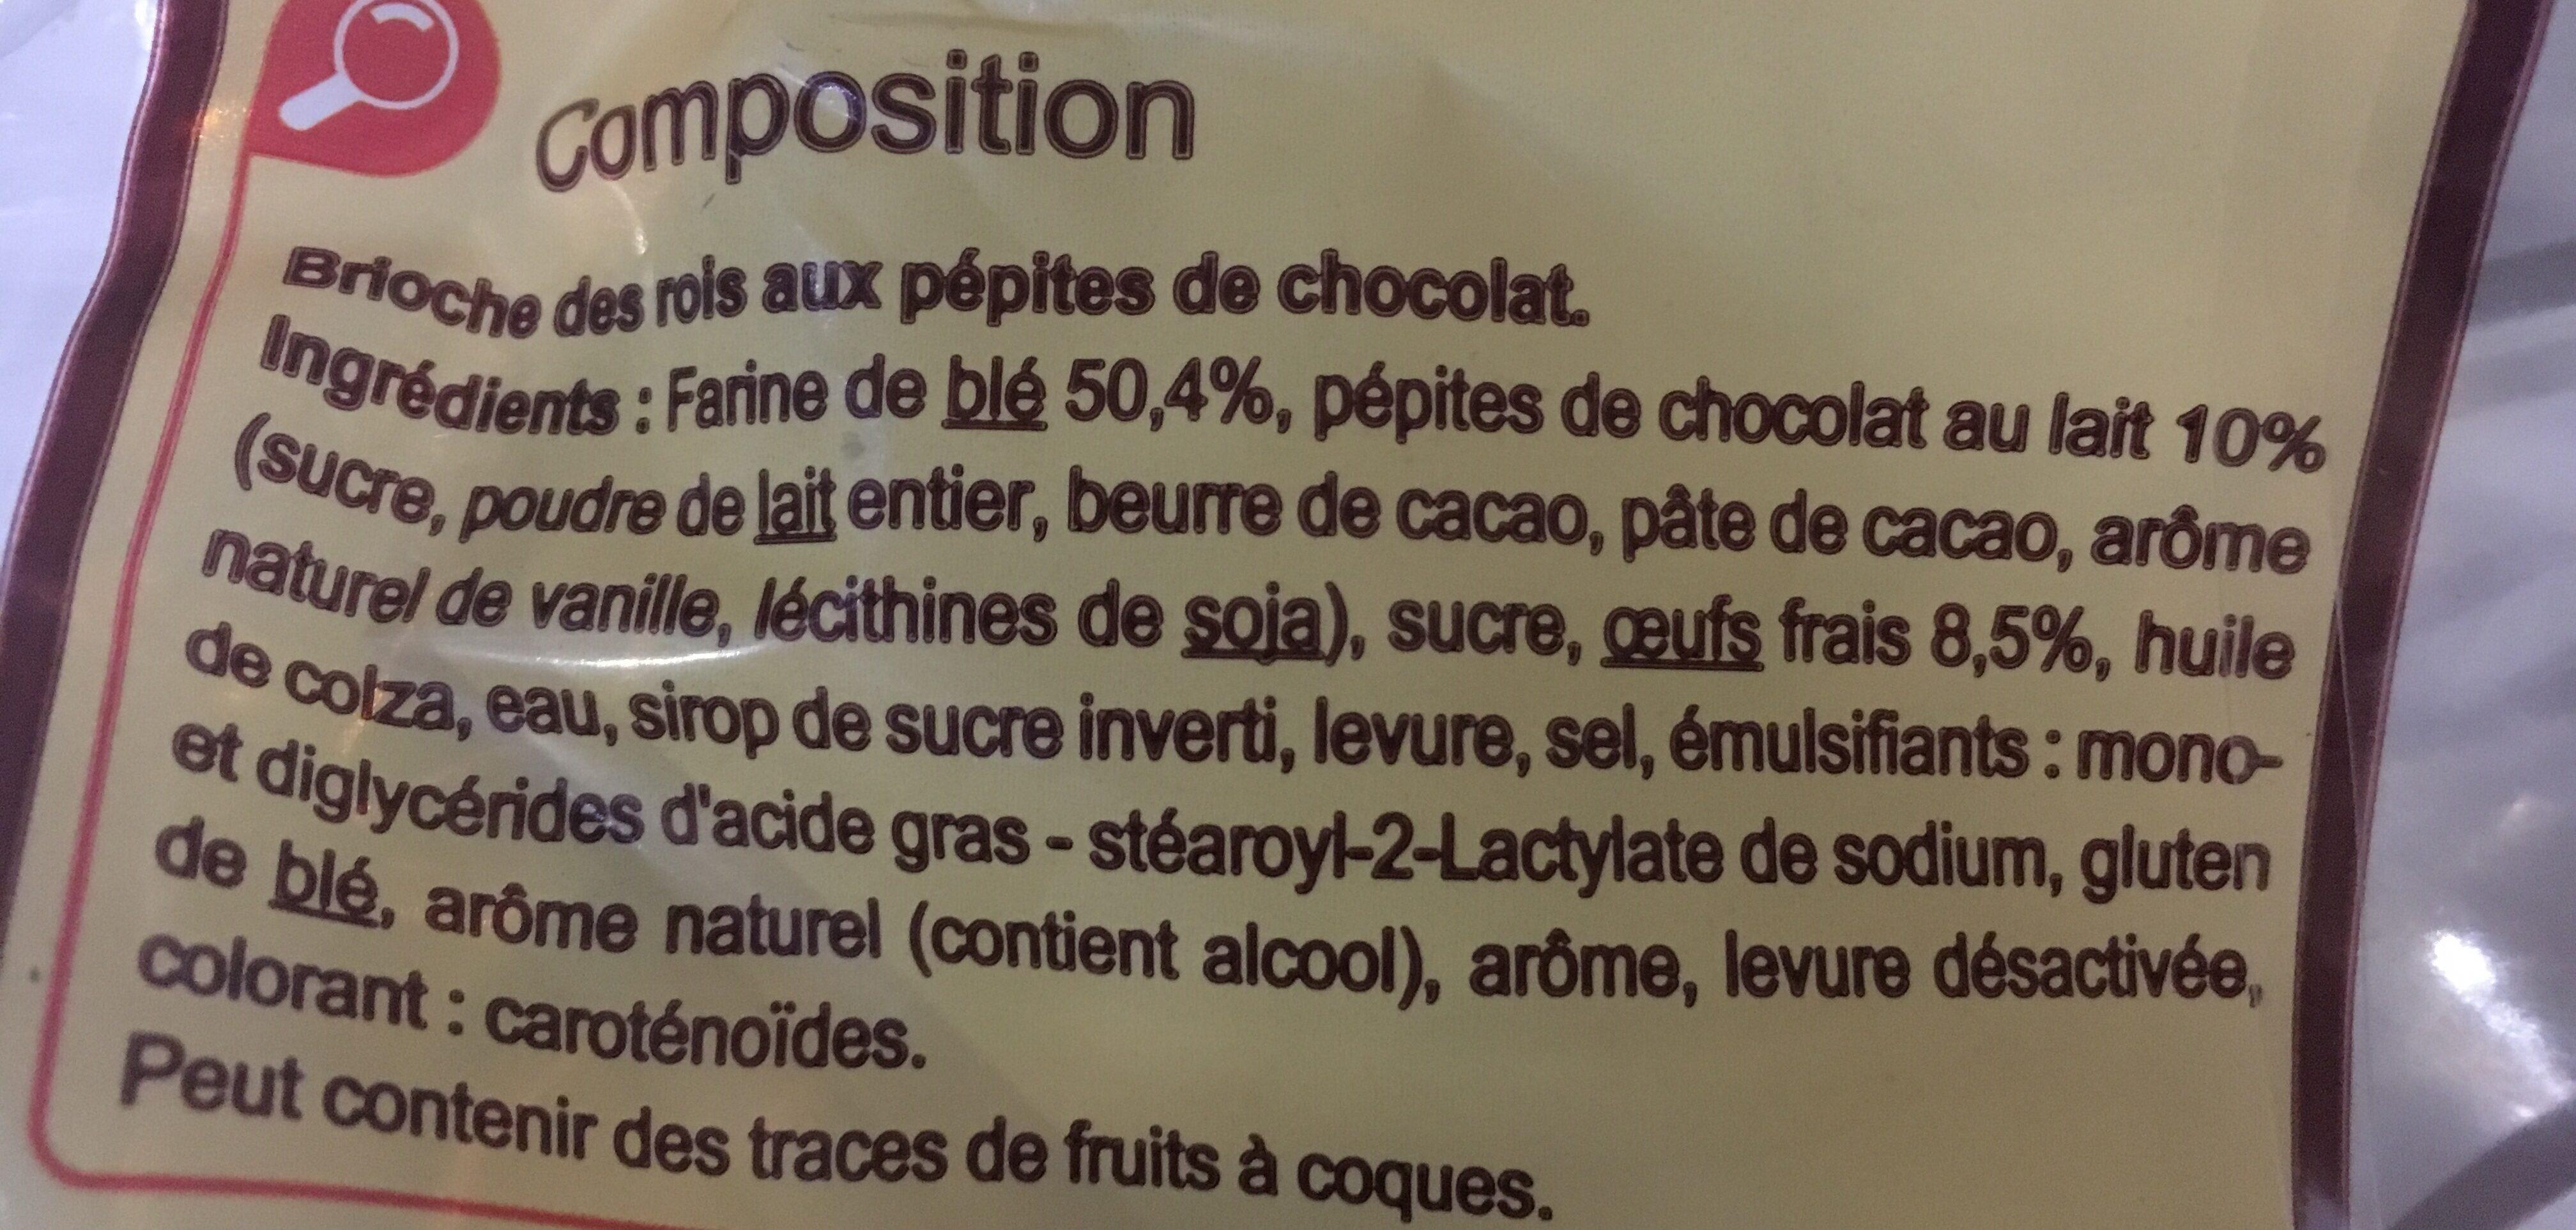 La Brioche des rois Aux pépites de chocolat au lait - Ingredients - fr